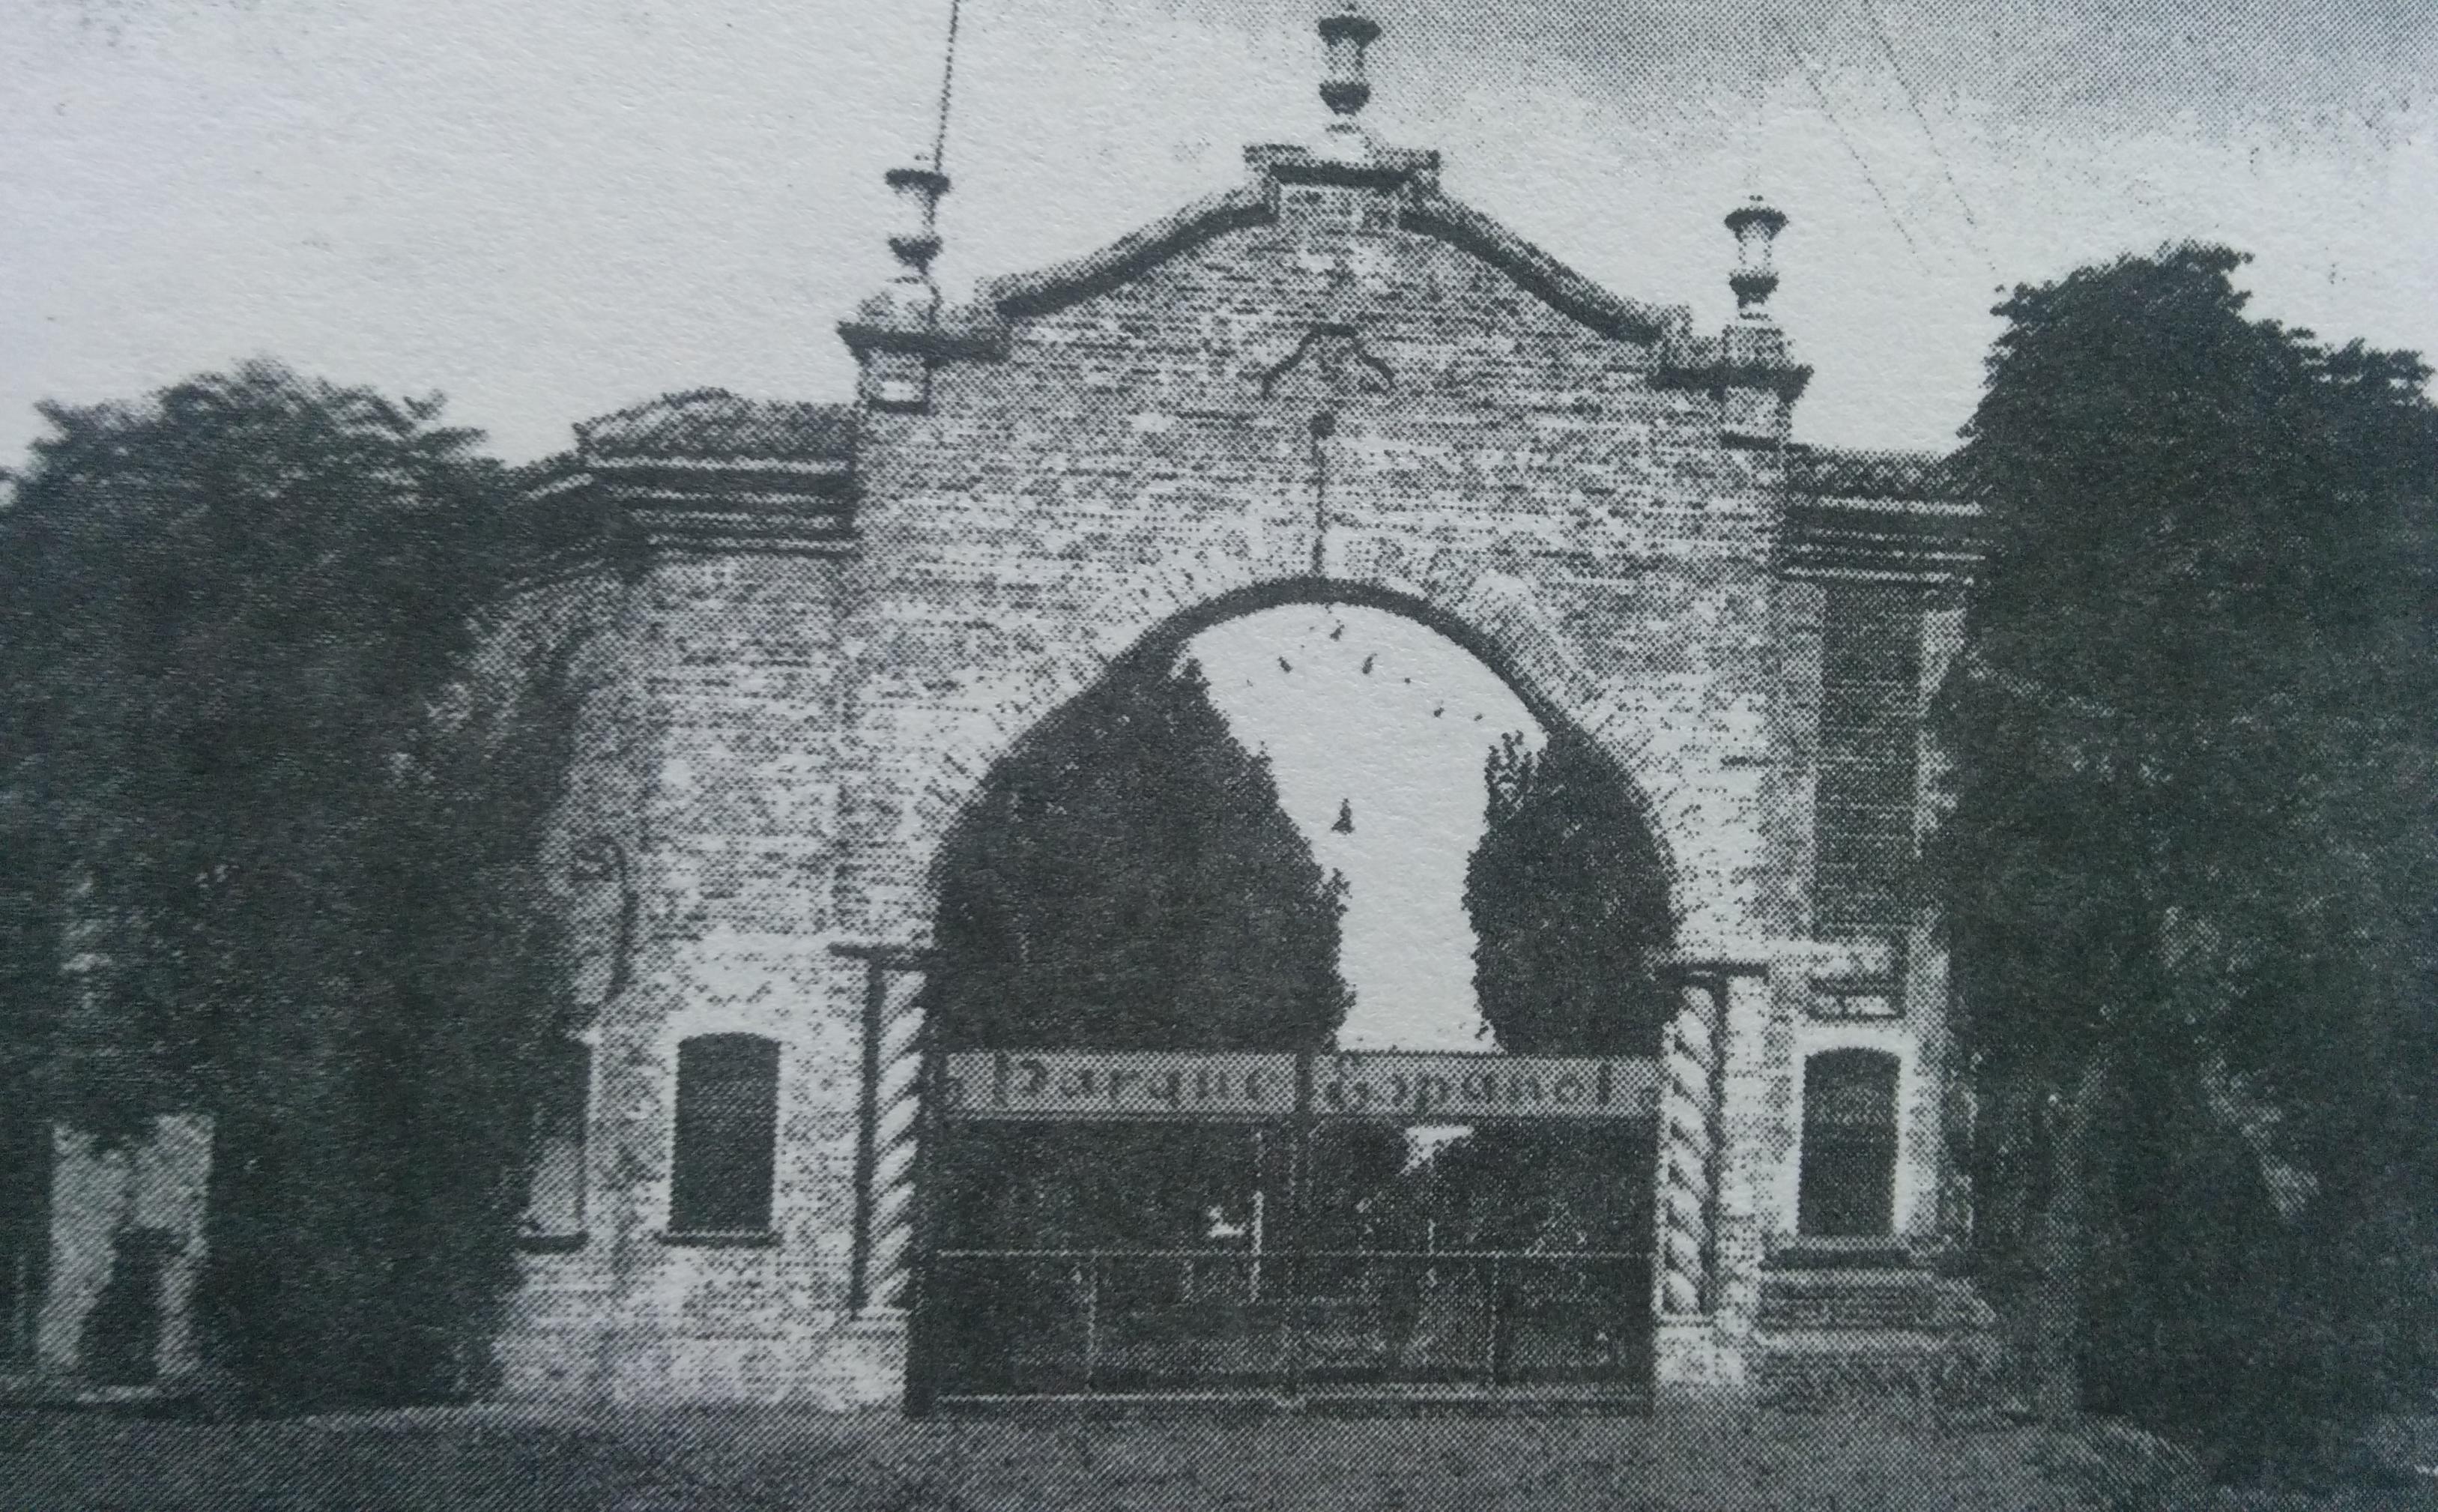 El delicioso e inolvidable Prado Español de Chivilcoy, inaugurado el 25 de enero de 1920. Las fiestas populares, del mes de enero de 1923.